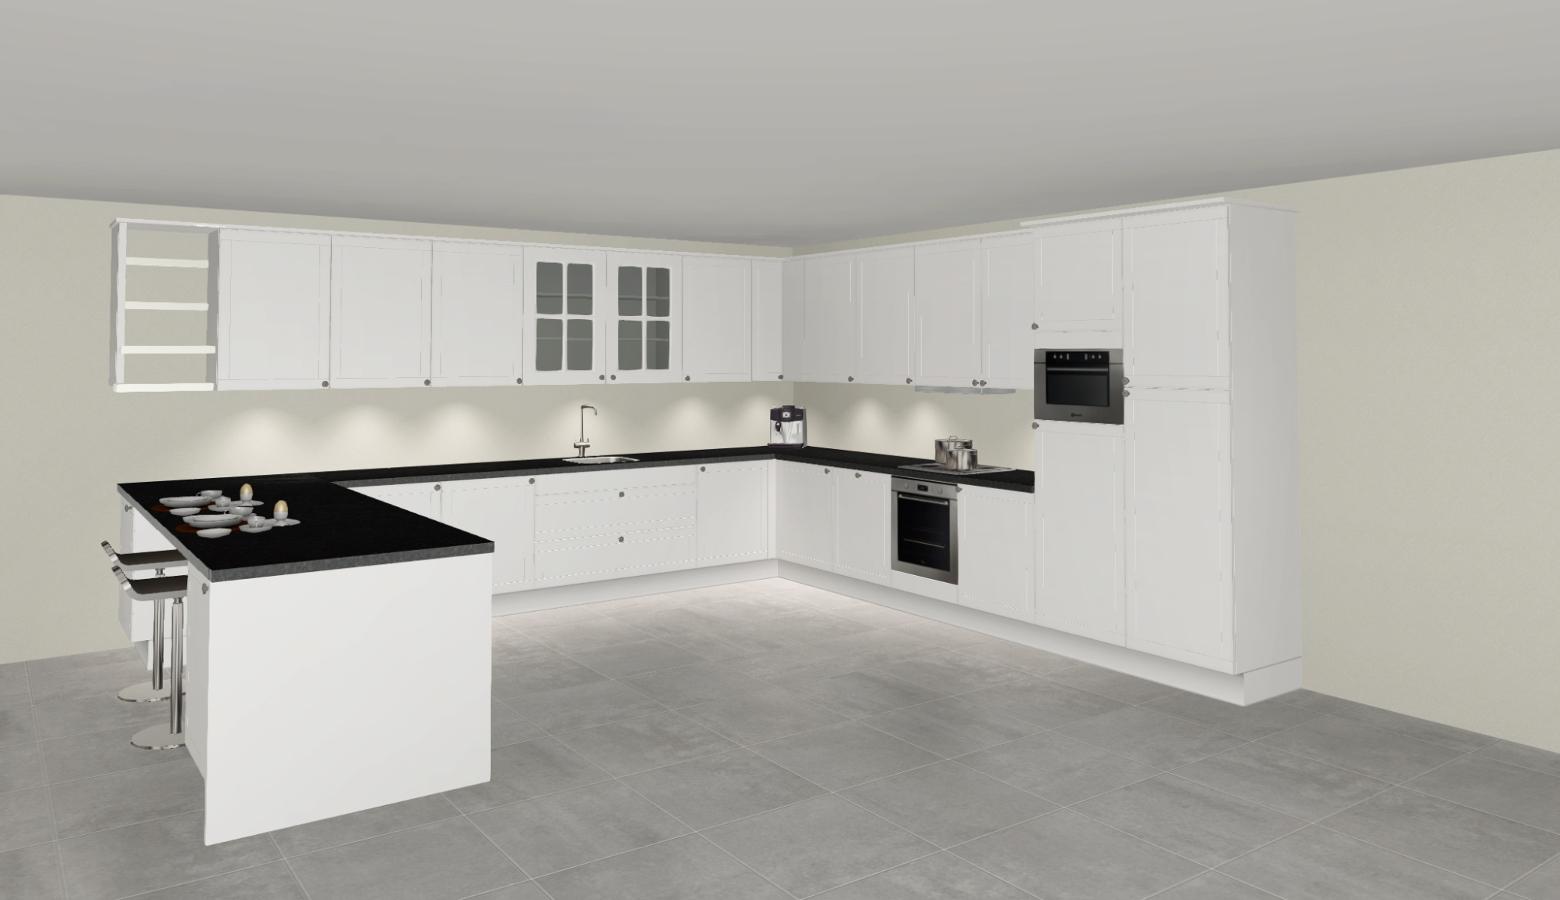 Keuken koblenz steinhaus keuken kampioen for 3d planner keuken